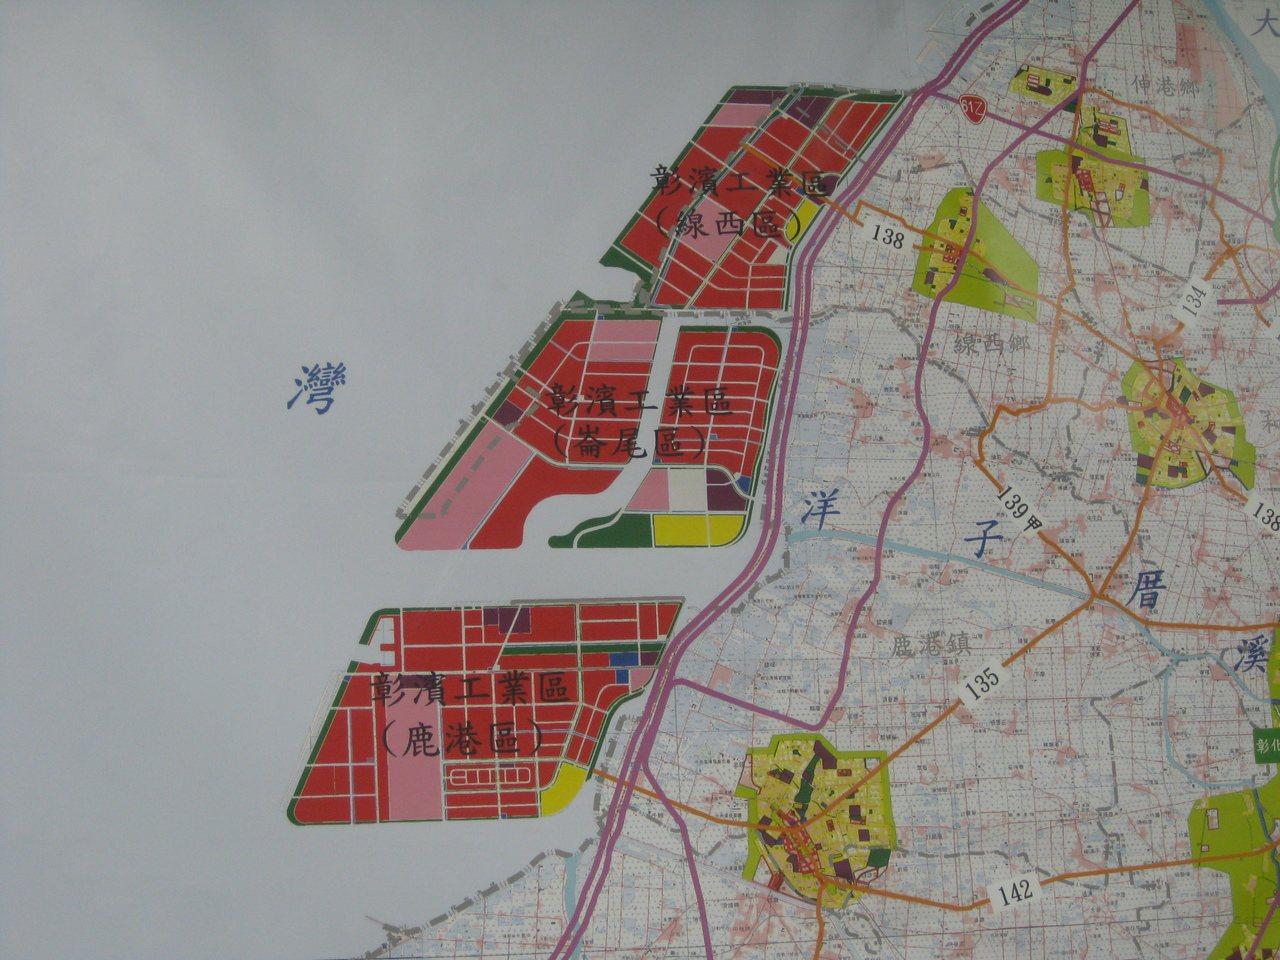 彰濱崙尾灣東區沒填海造陸,經濟部工業局將建置綠能發電場域。 記者簡慧珍/攝影